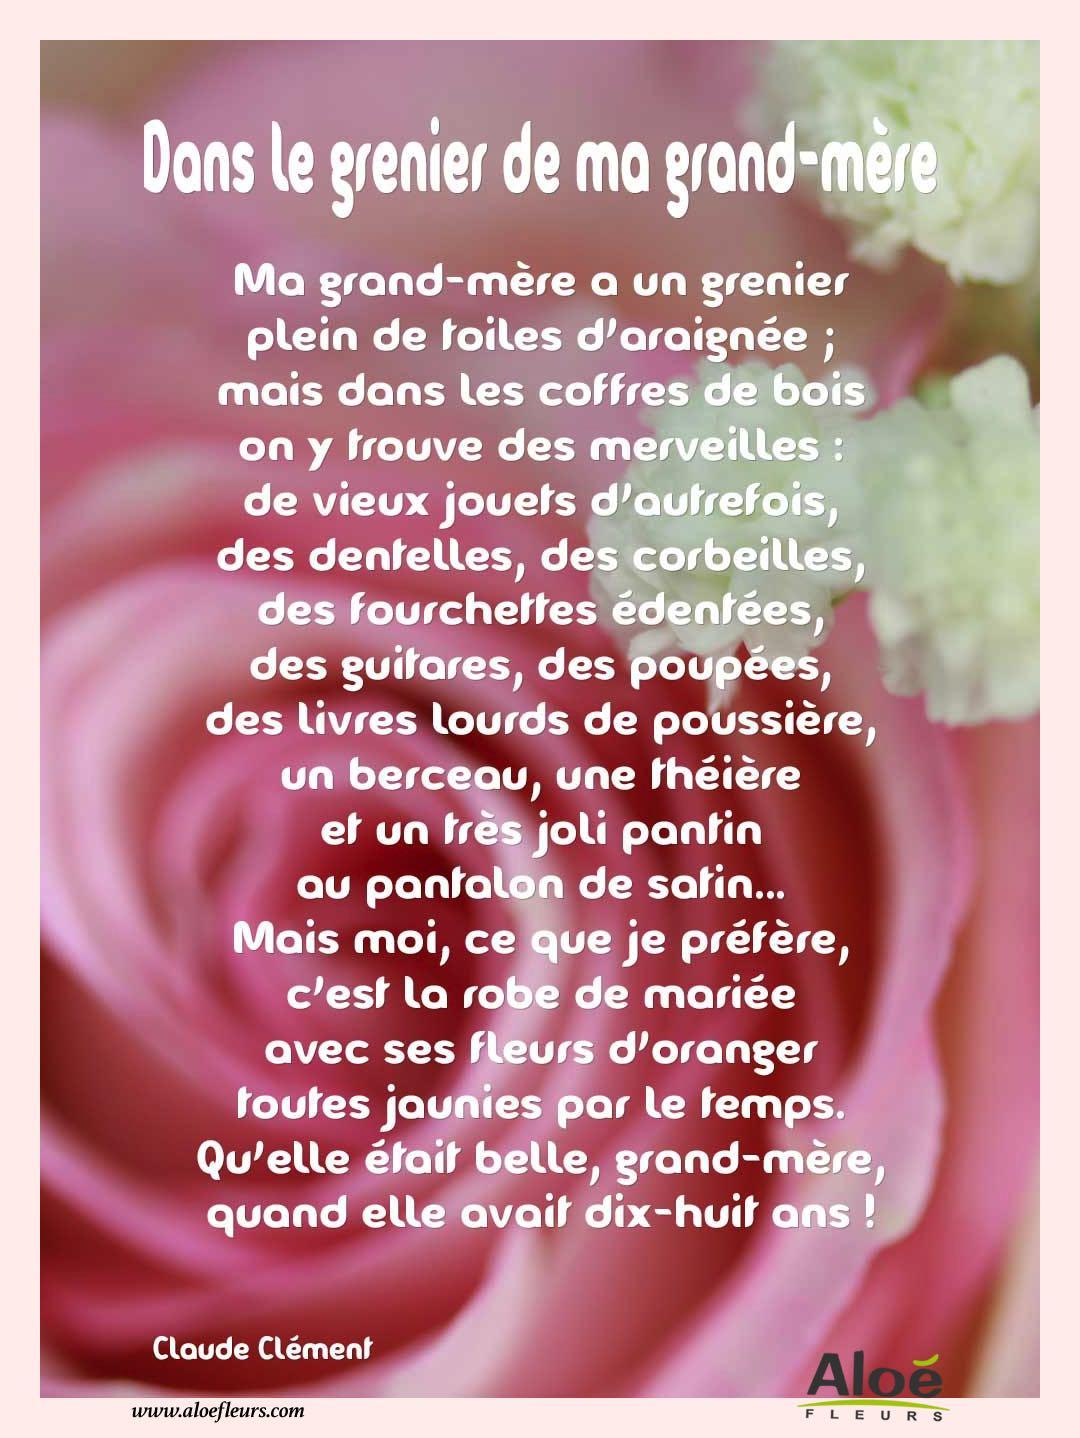 Poemes Fete Des Grands Meres 2016 Aloefleurscom Dans Le